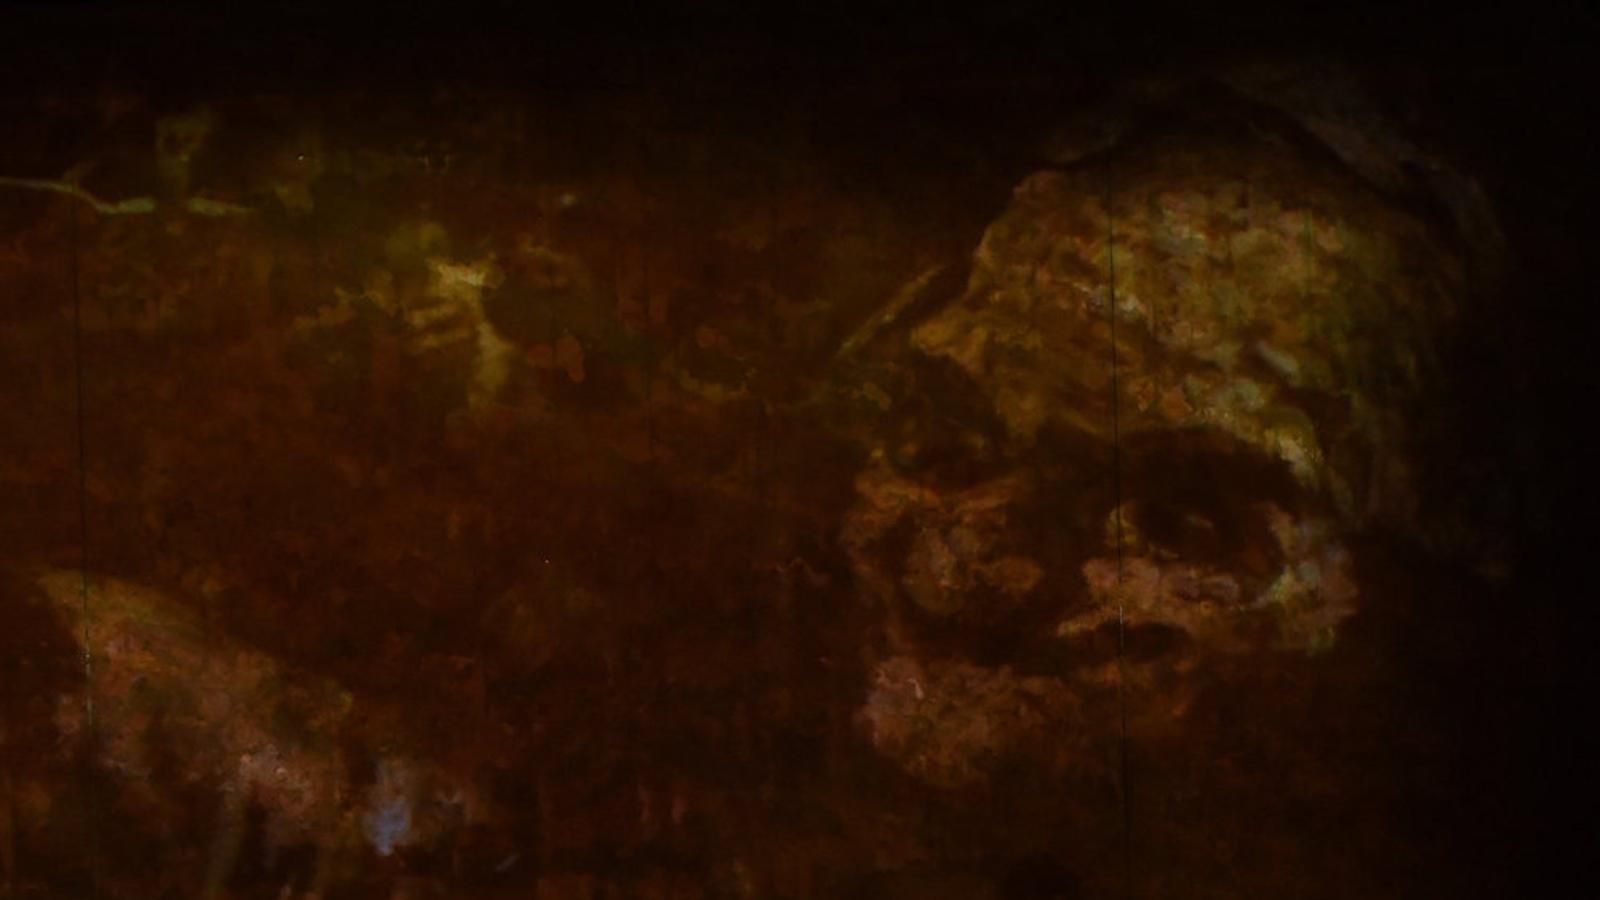 Una escena de l'assaig d'Il trovatore, amb una posada en escena de Joan Anton Rechi inspirada en Goya. / A. BOFILL / GRAN TEATRE DEL LICEU